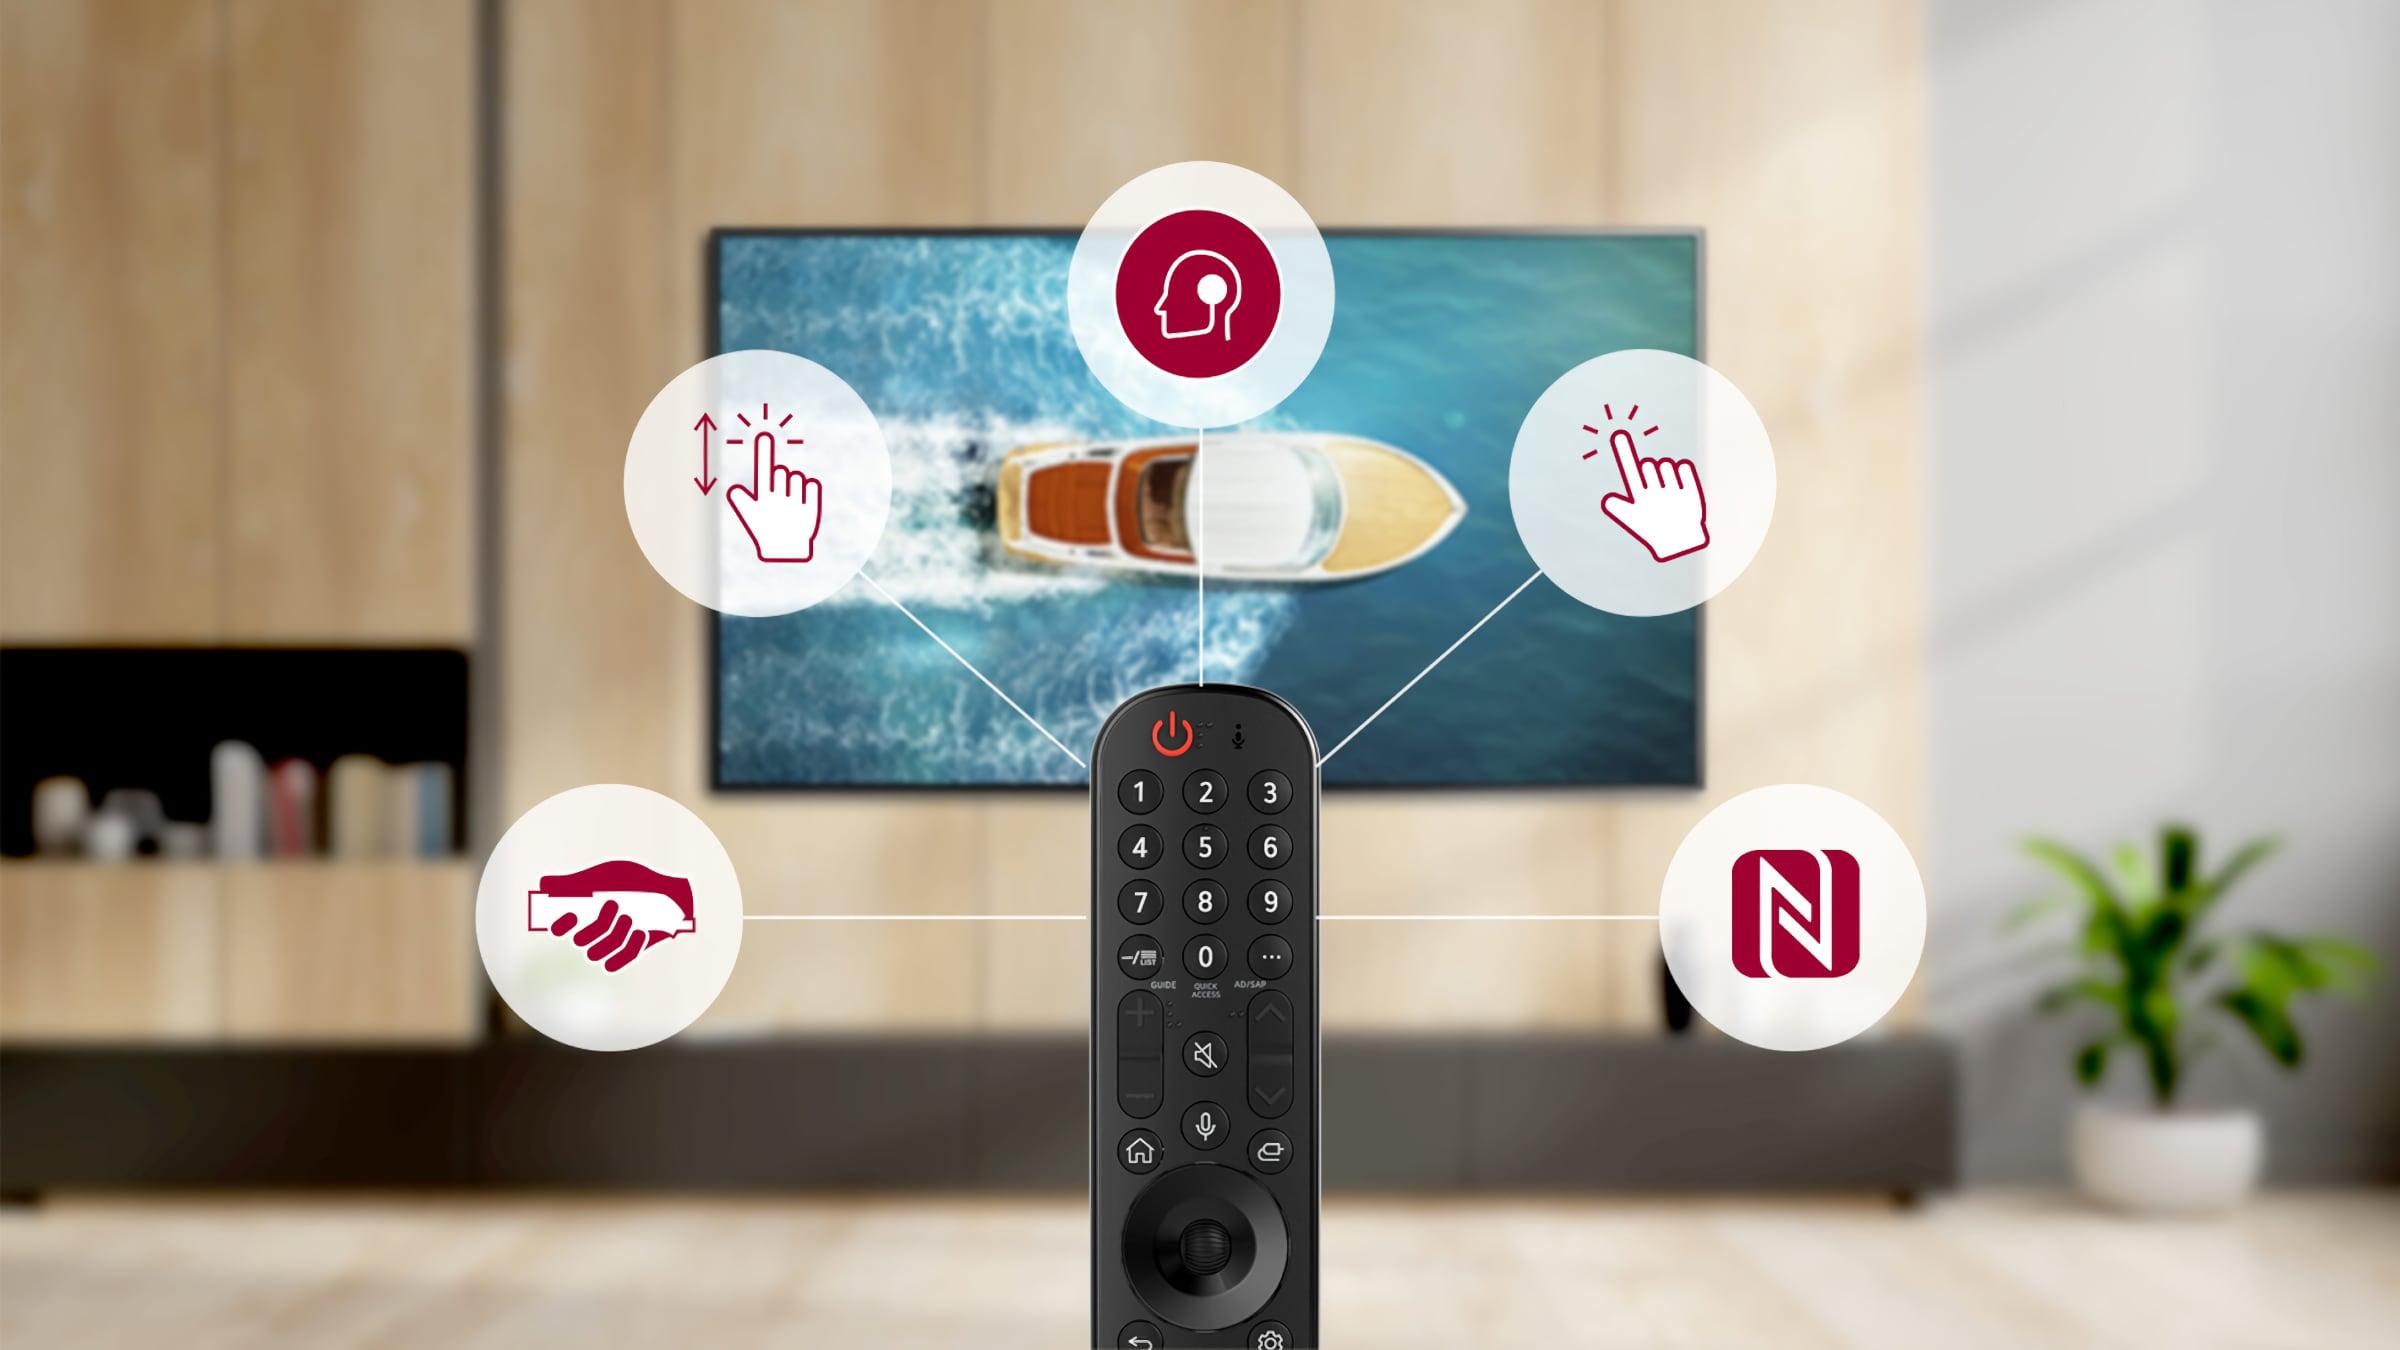 WebOS6.0 met le plein contrôle de l'écran entre les mains de l'utilisateur avec la nouvelle télécommande Magic